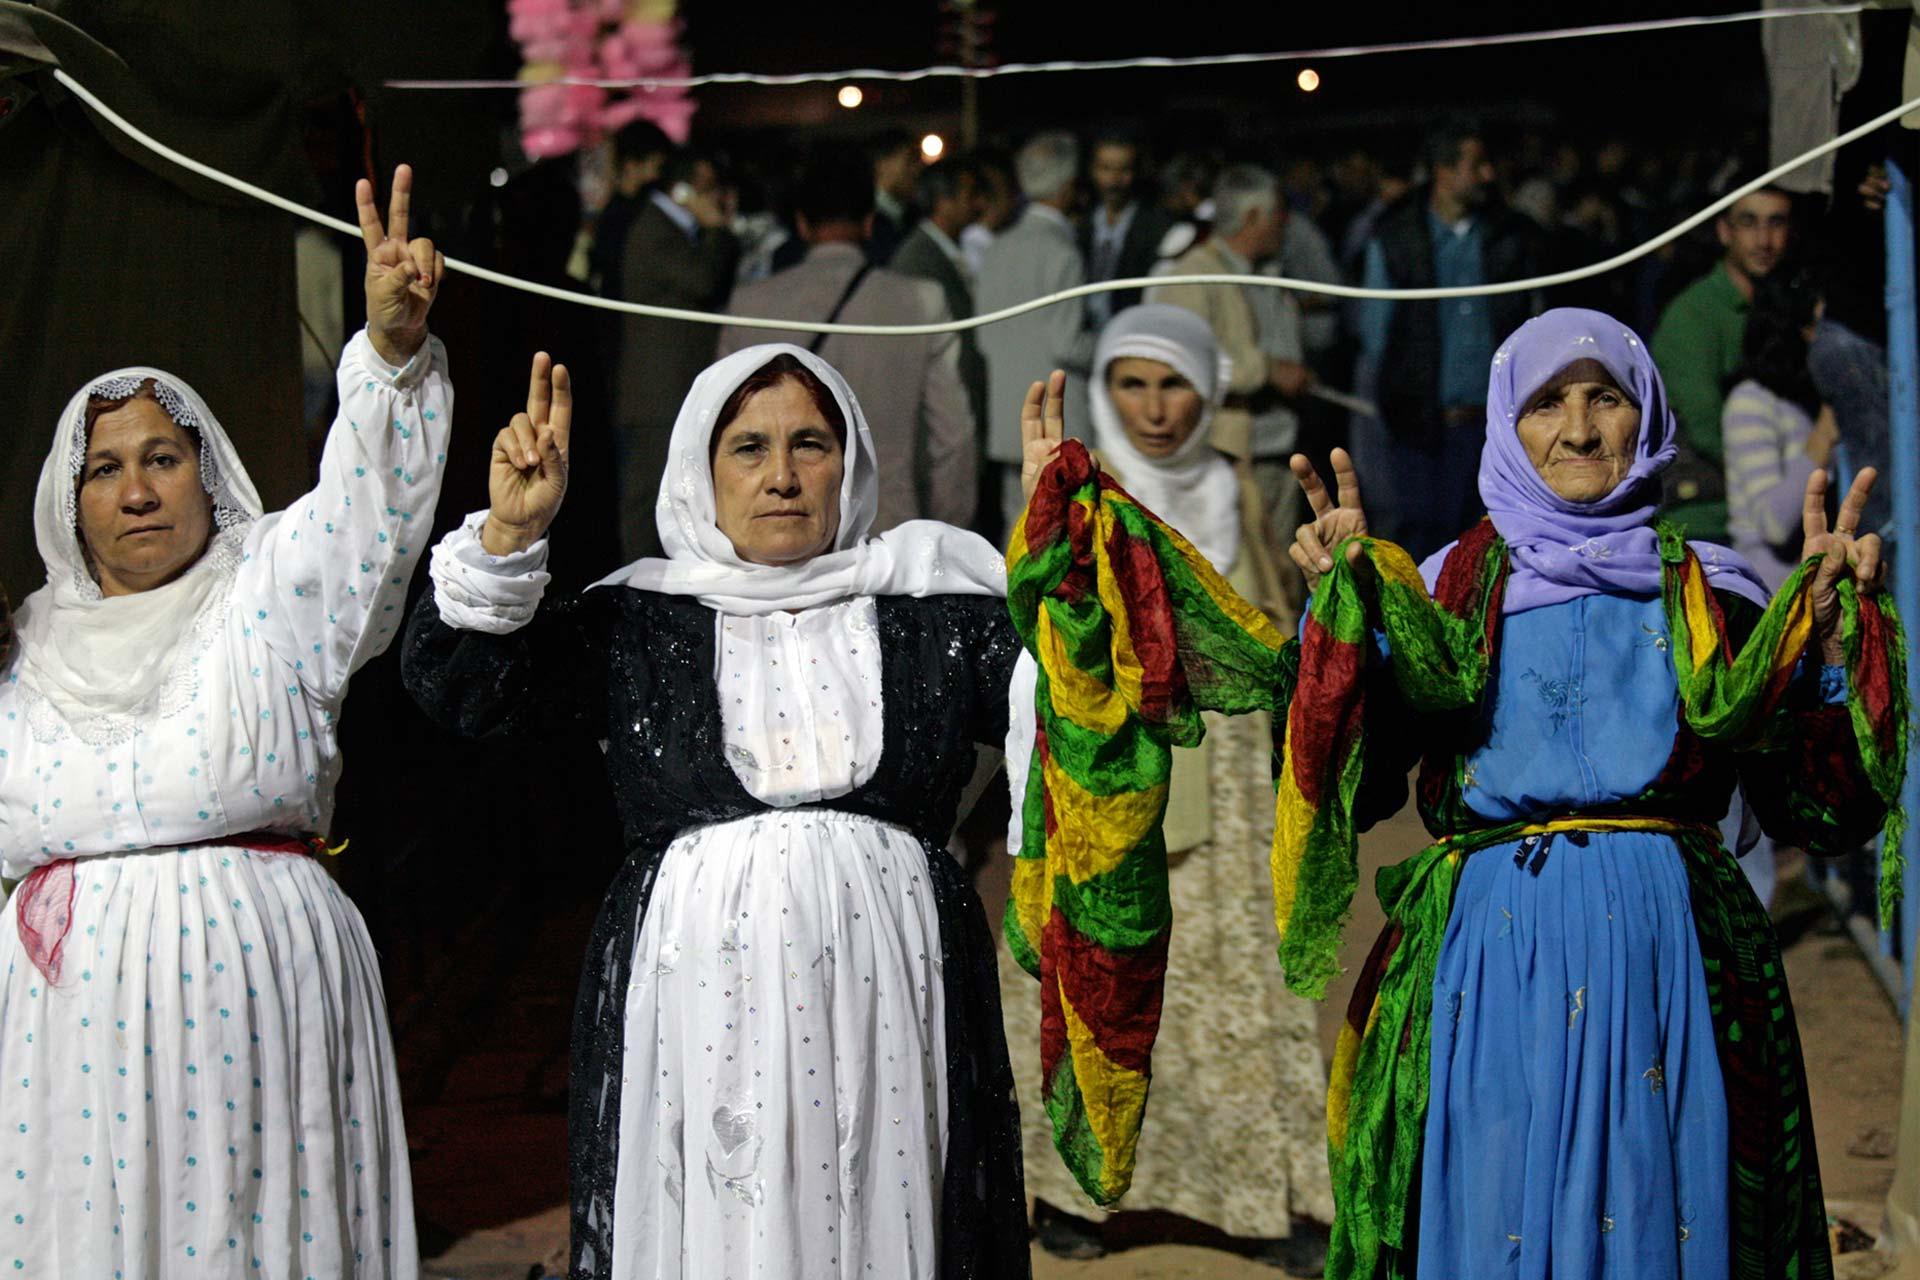 Das allgegenwärtige Victory-Zeichen in der Osttürkei steht entweder für das Bekenntnis zu Abdullah Öcalan, zur Arbeiterpartei Kurdistans oder einfach für das Recht der Kurden auf Selbstbestimmung.